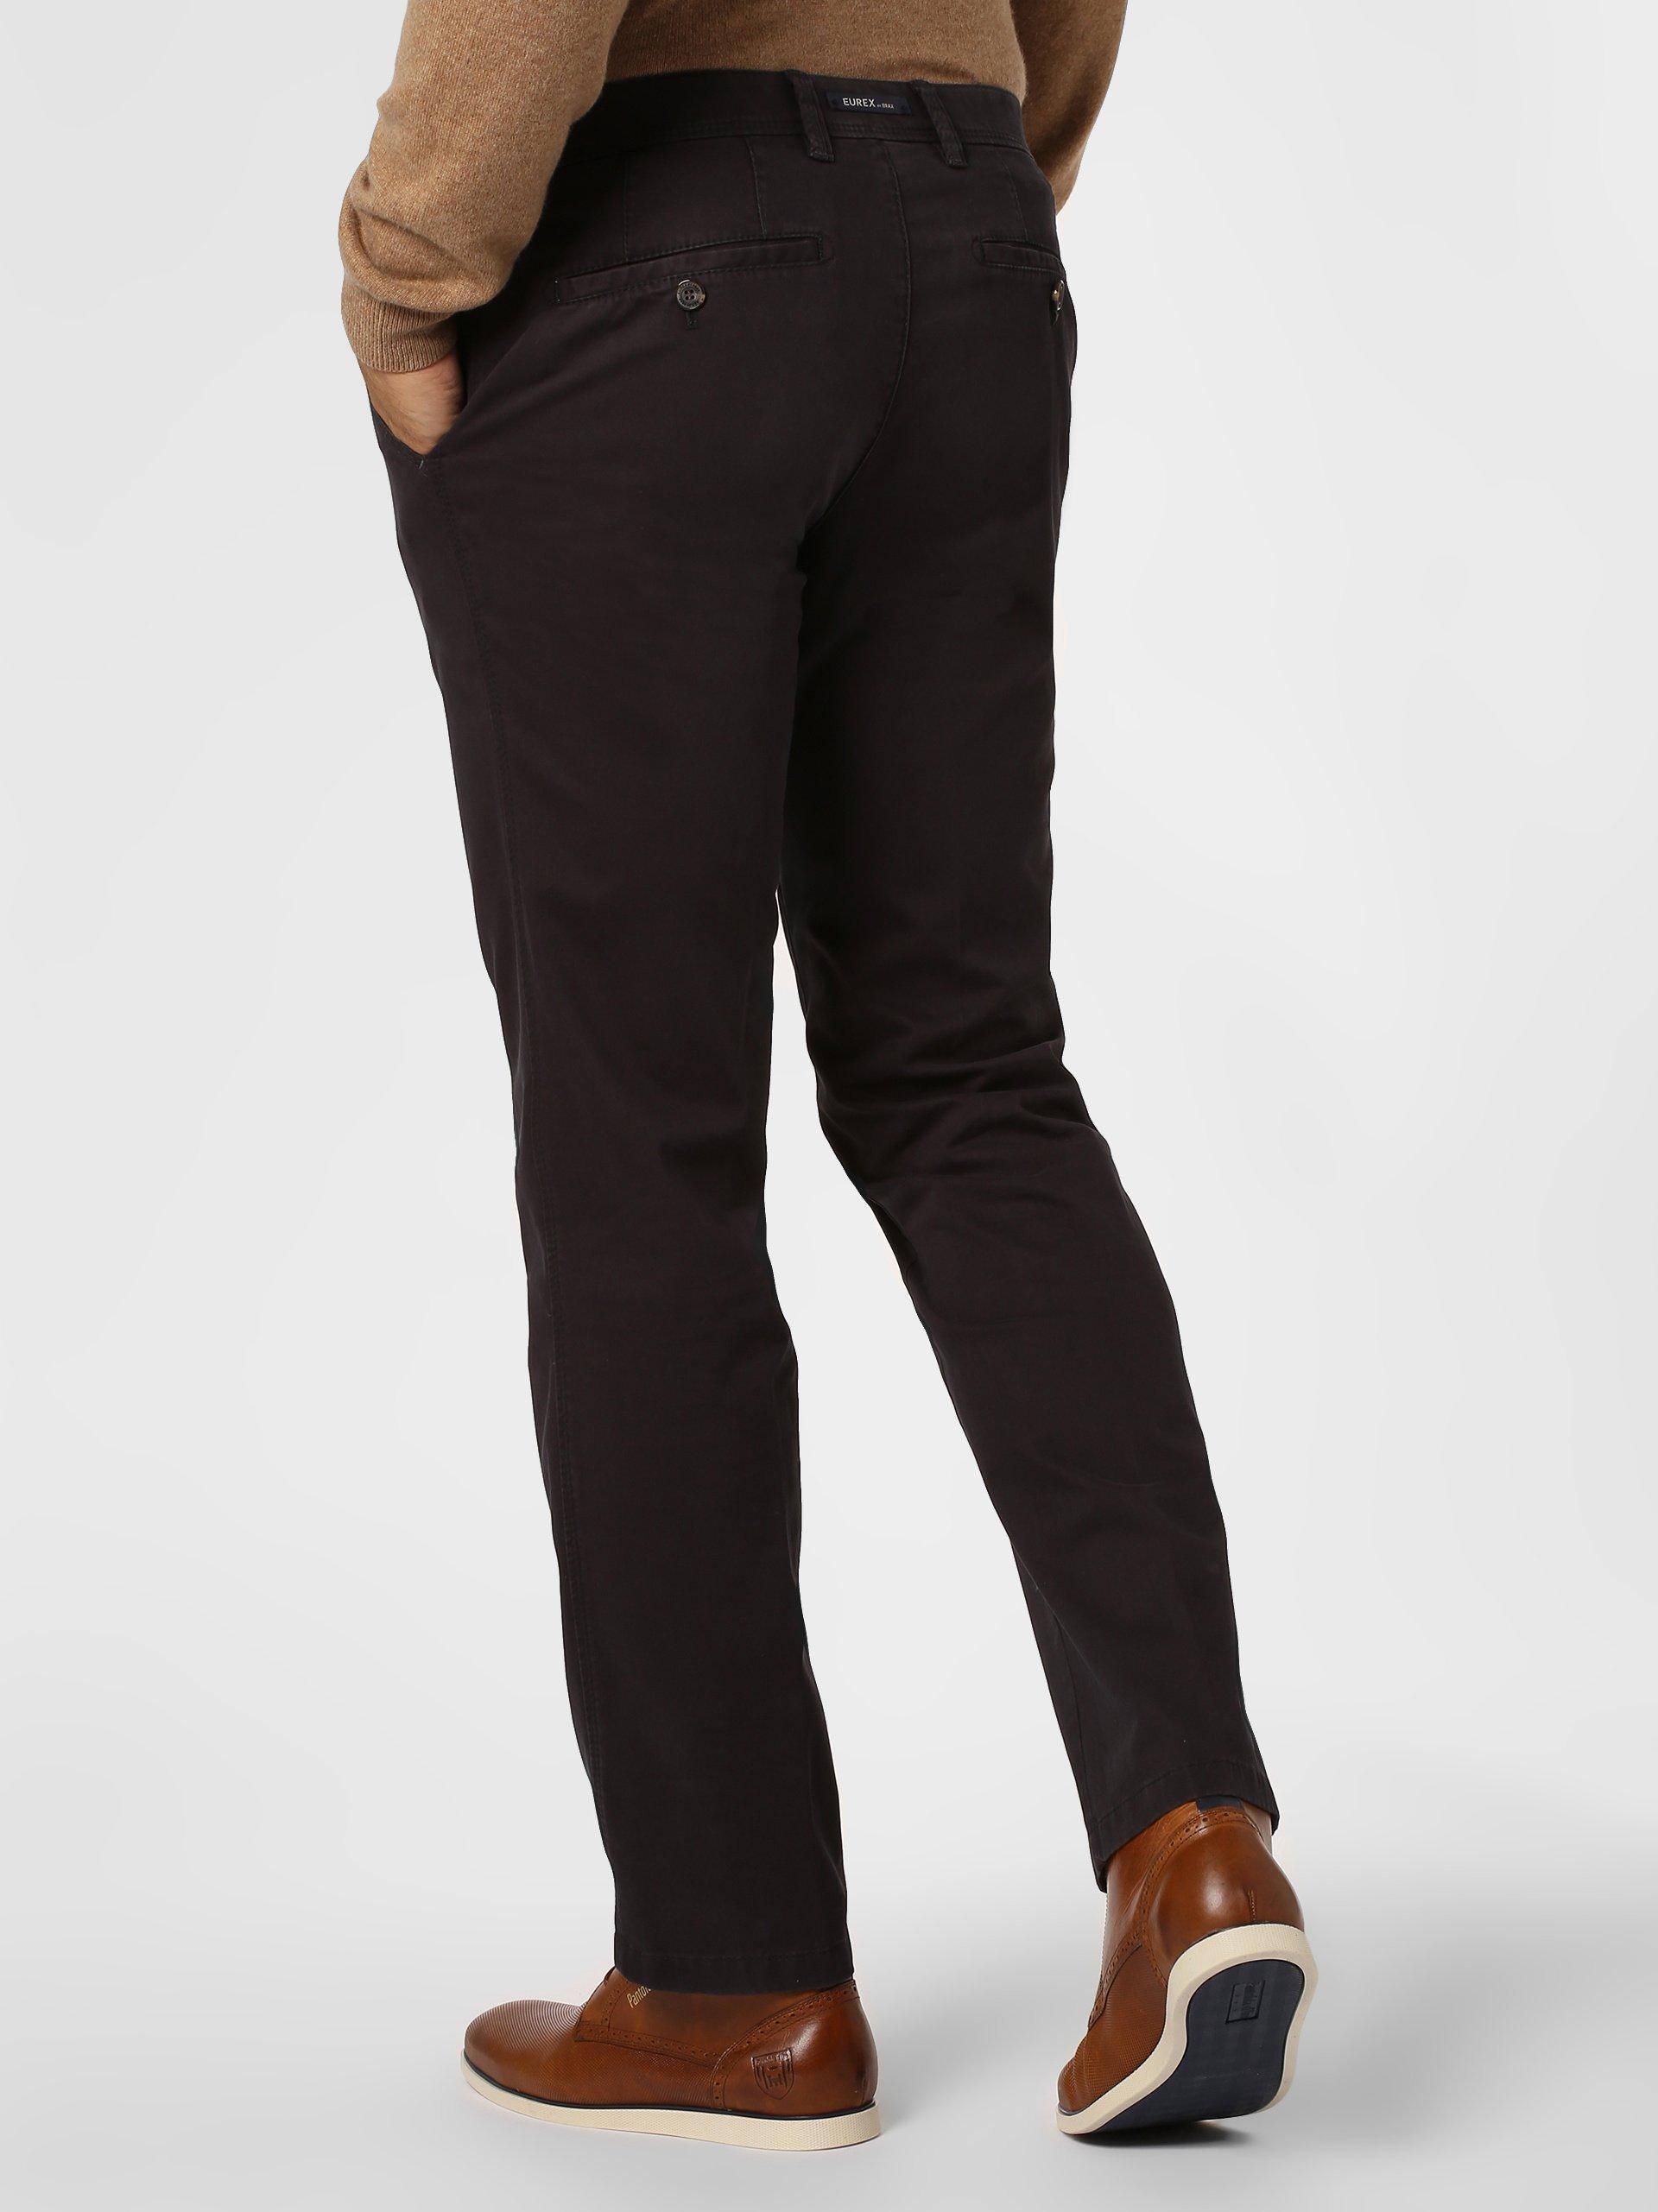 Eurex Spodnie męskie – Jim